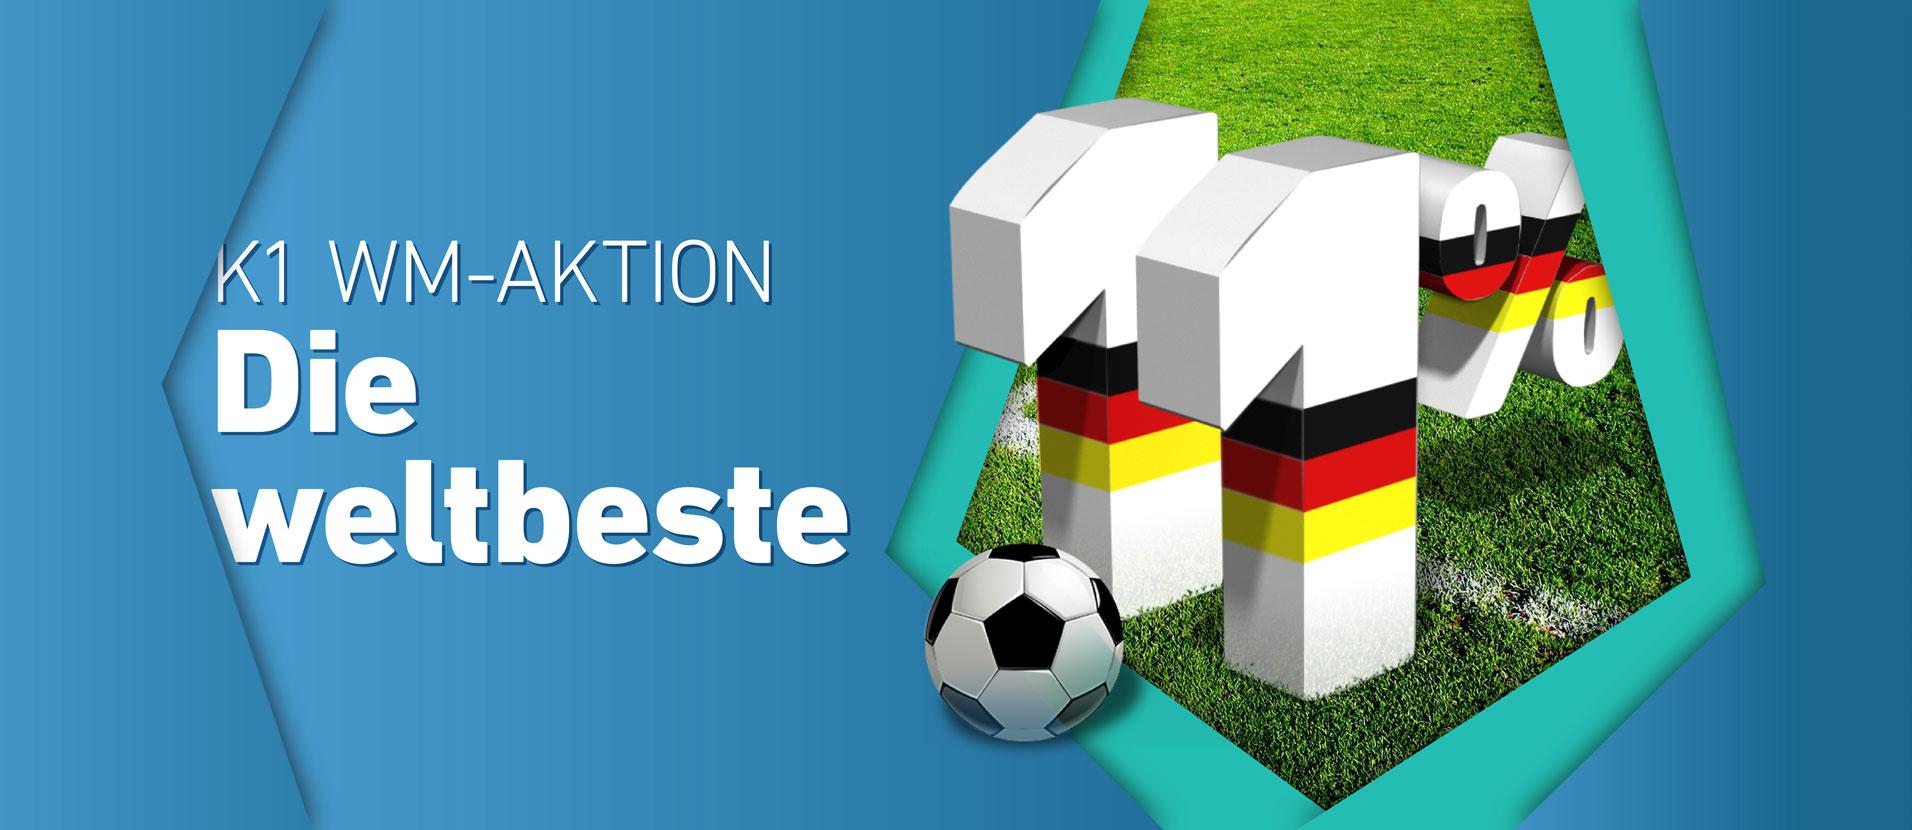 WM Pakete - Bestellen wie die Weltmeister!